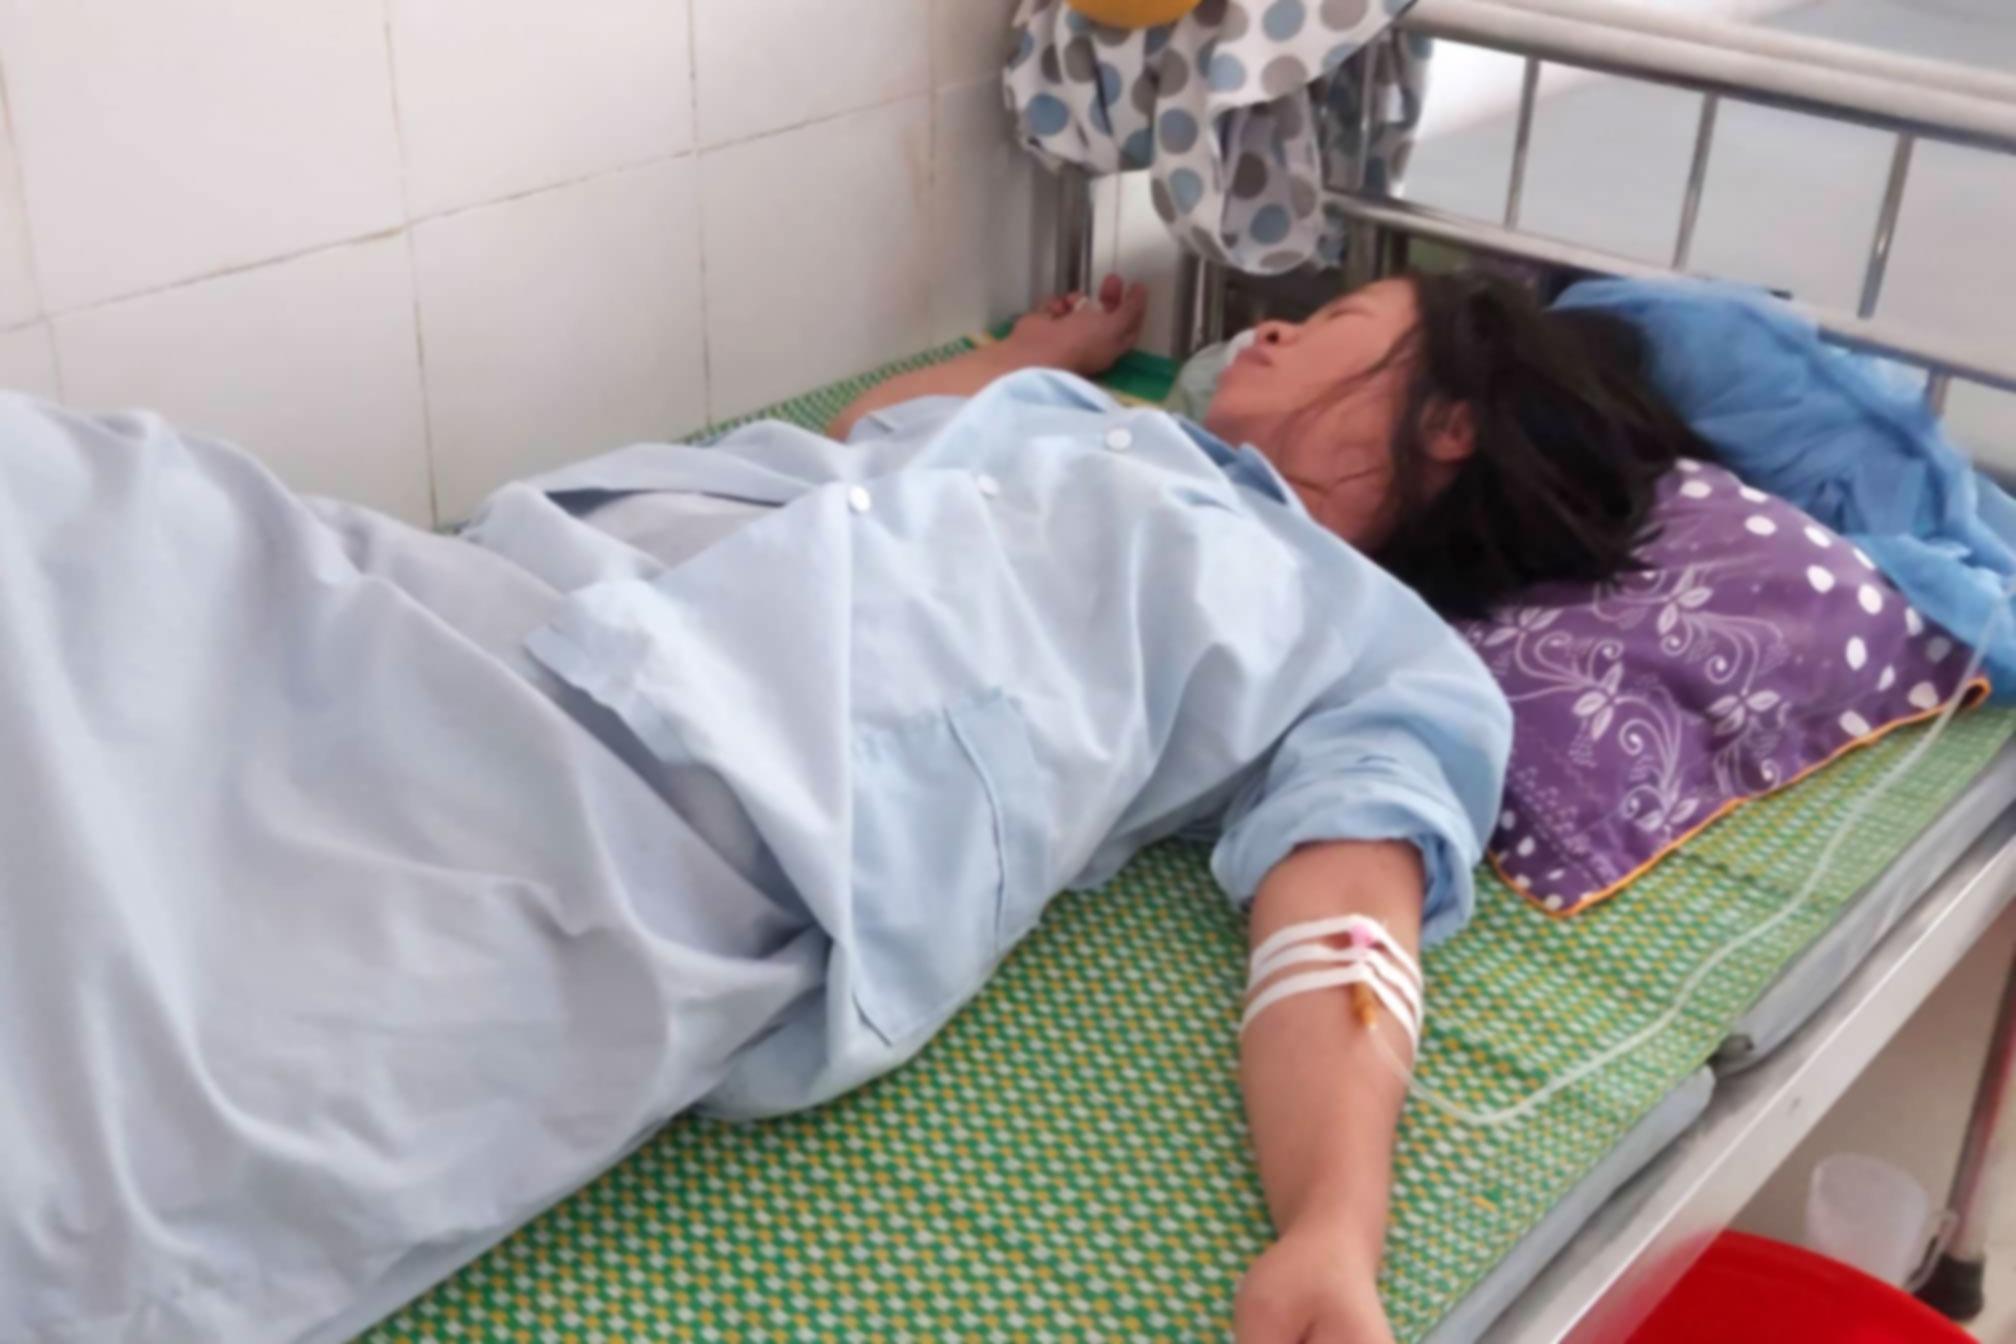 Vụ trẻ sơ sinh ở Hà Tĩnh tử vong, bác sỹ kéo đứt cổ bé rồi tự tay khâu lại